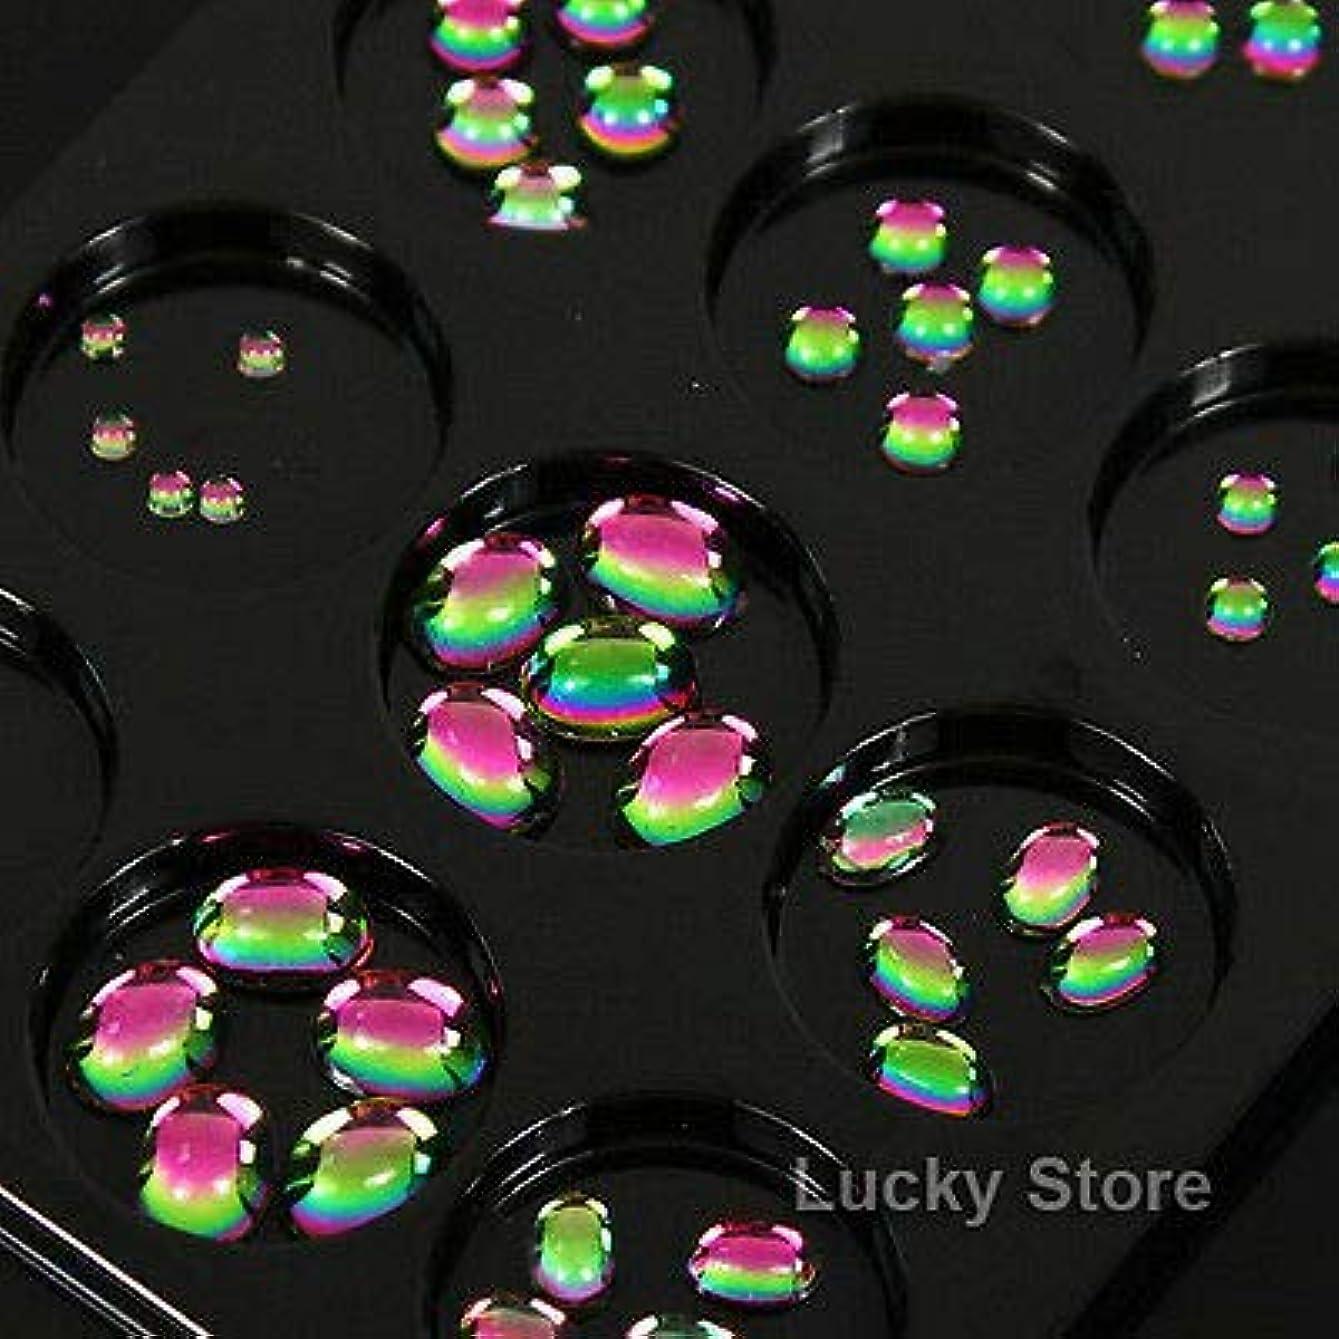 素敵な本気だますFidgetGear 60PCSレインボーカラー3Dネイルアートデコレーションラインストーン携帯電話アクセサリー